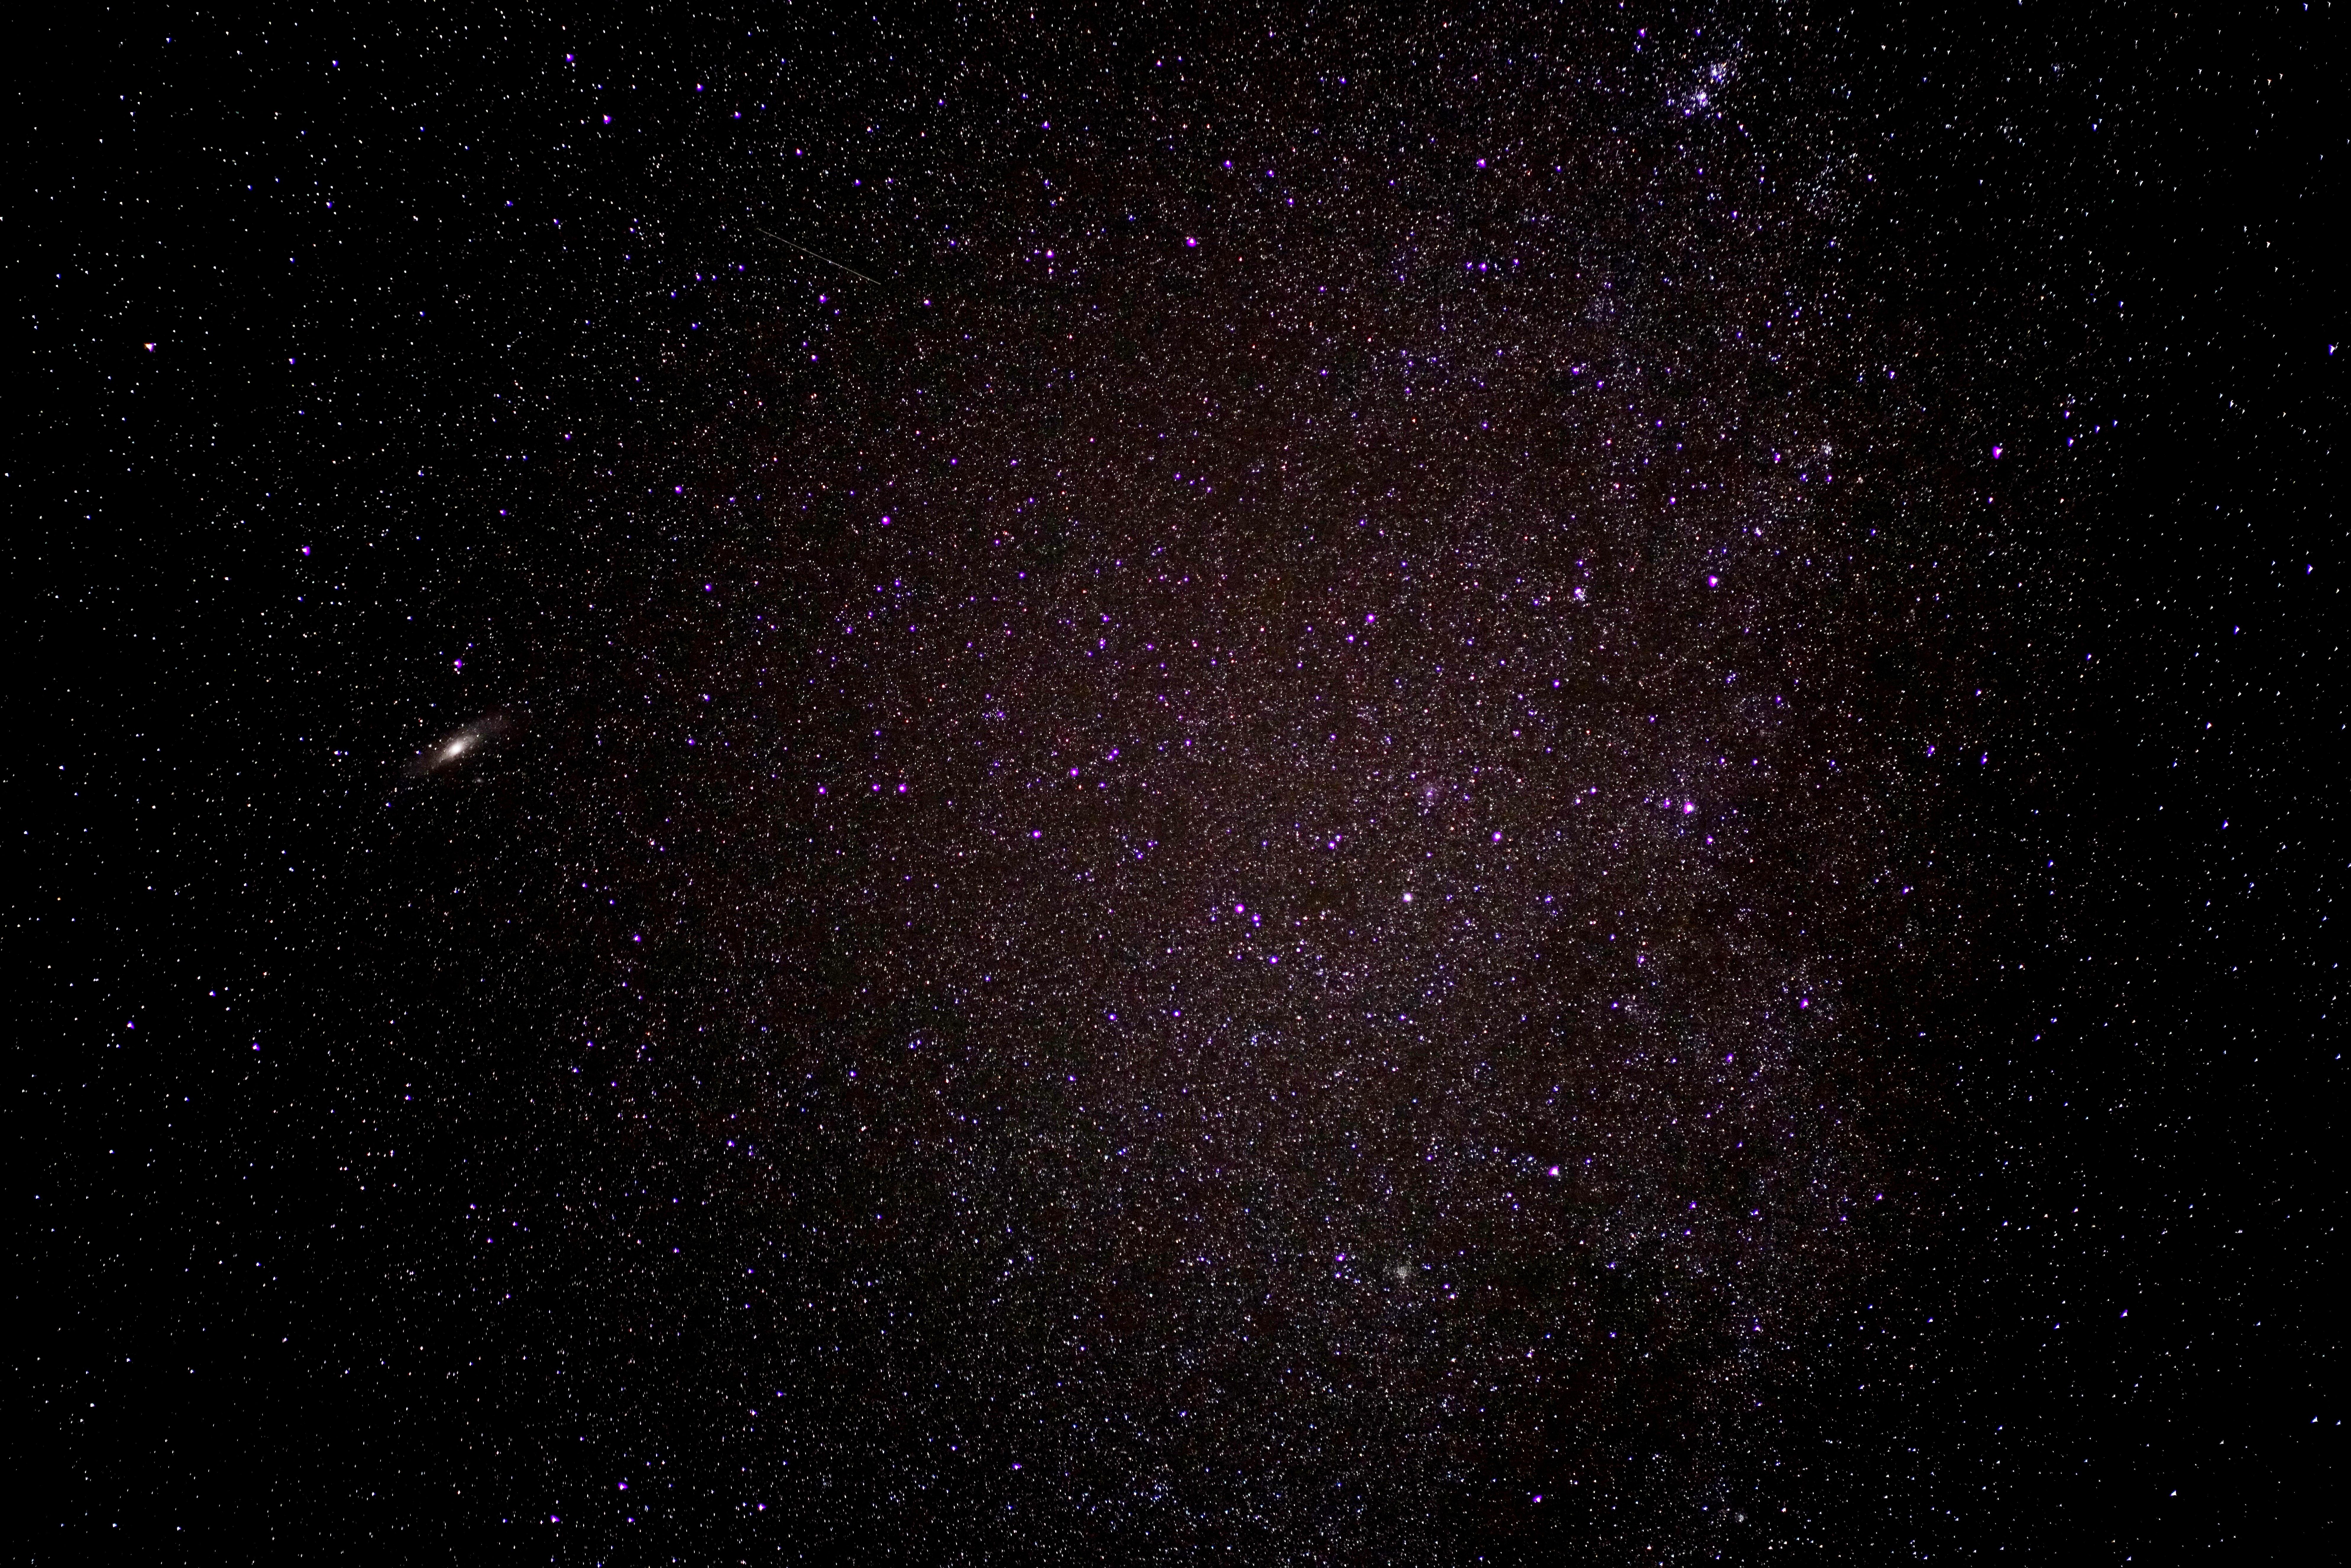 ニュージェネラルカタログ天体の一覧